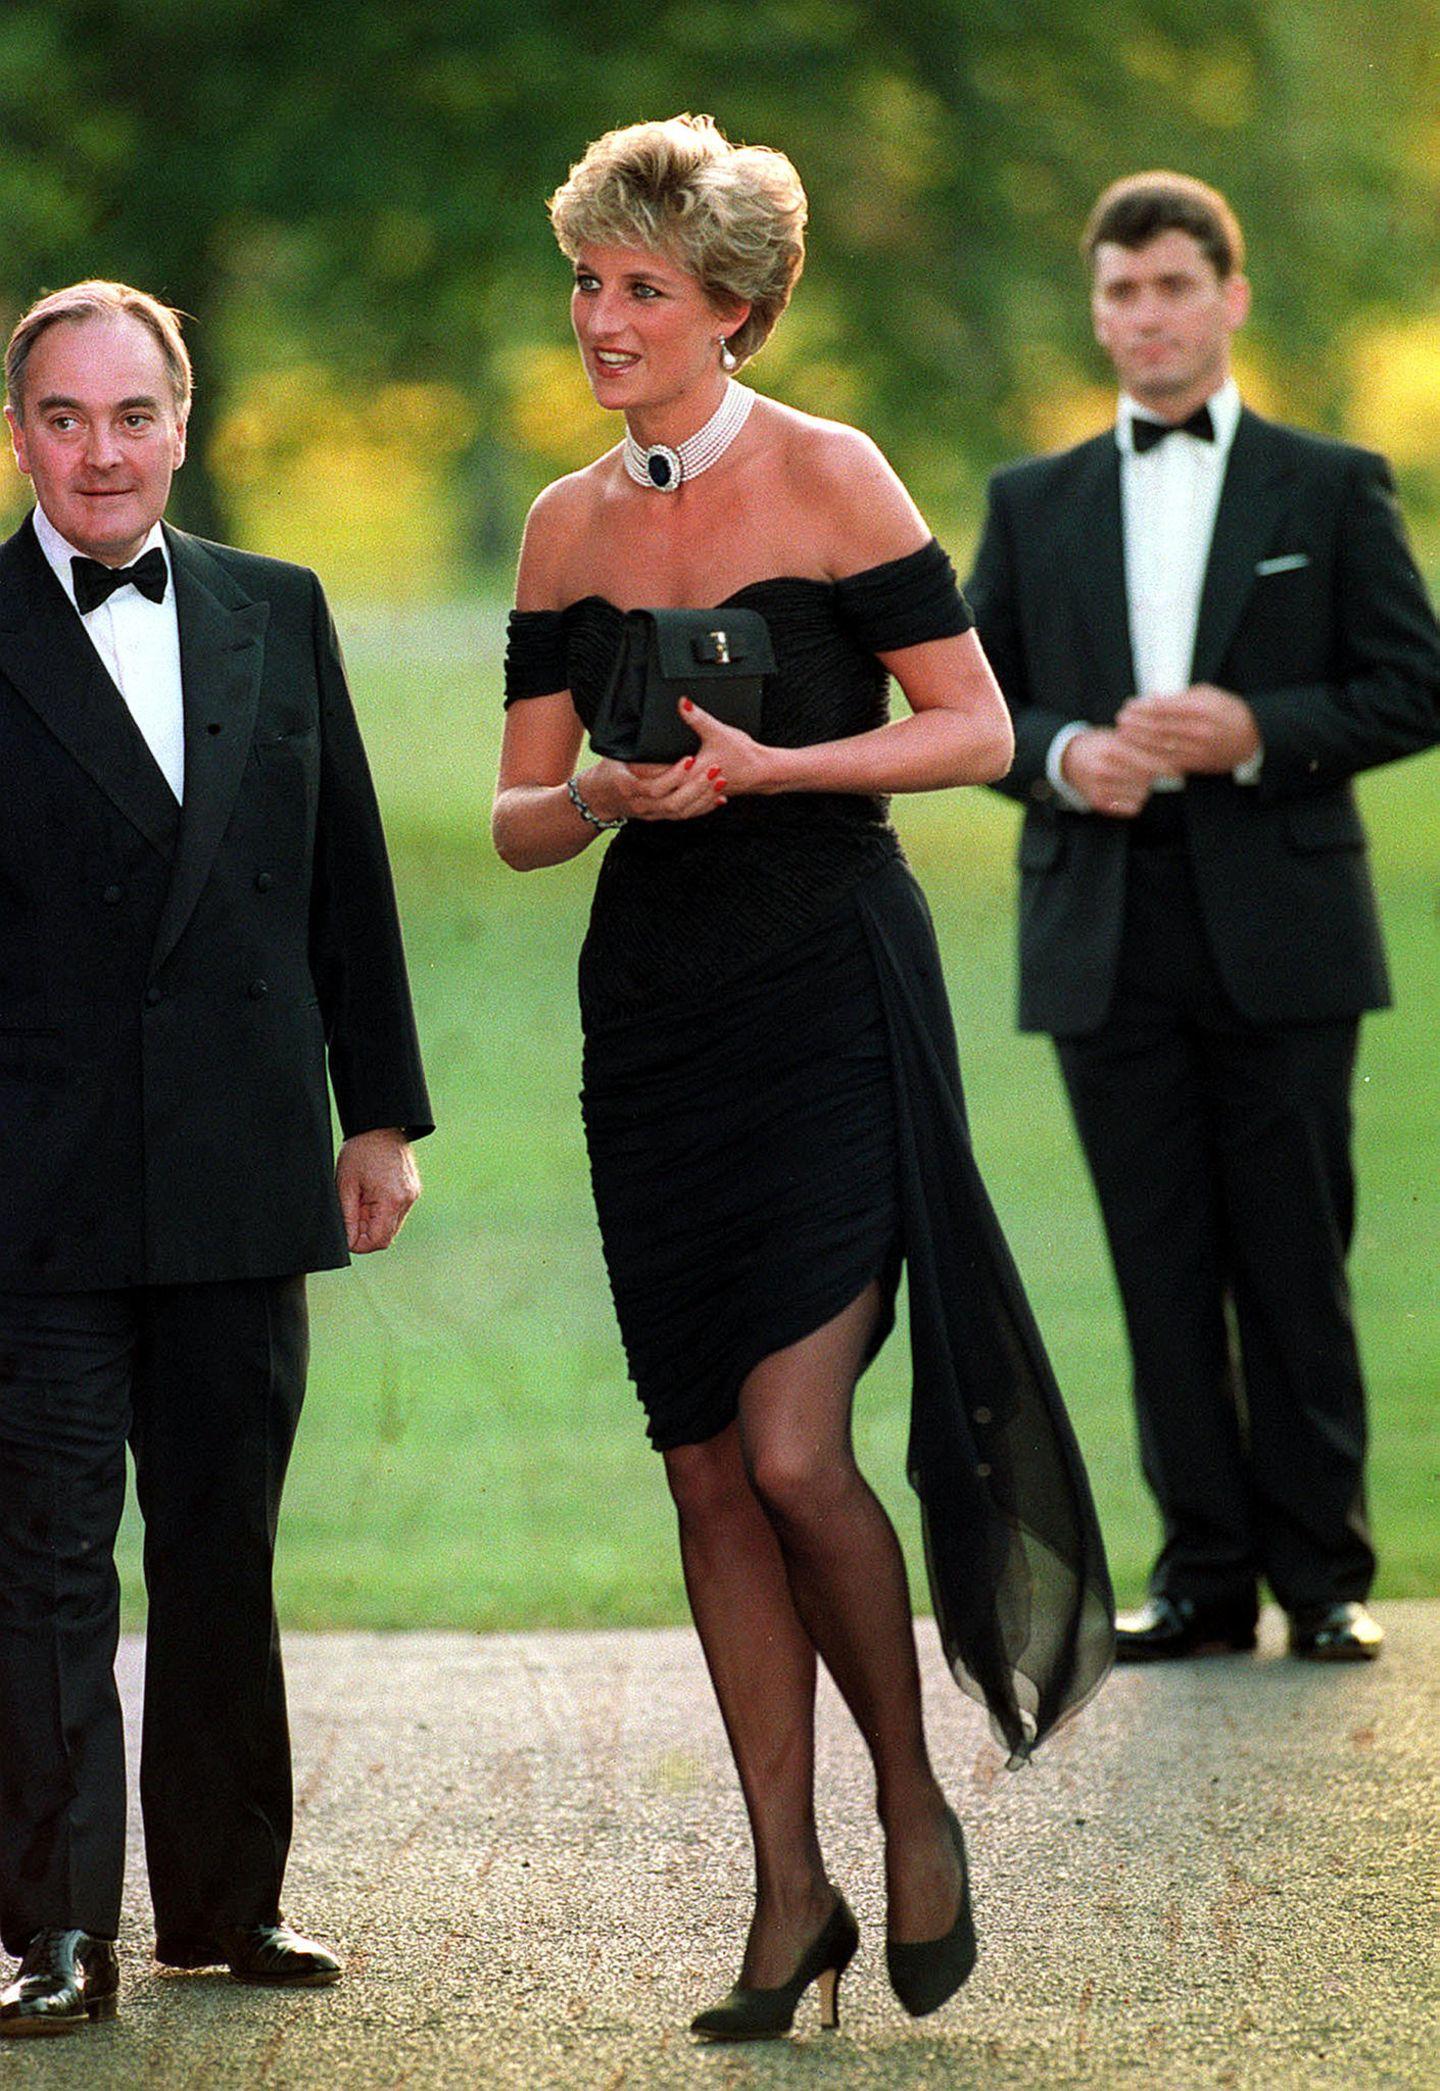 """20. November 1994  Wow! Lady Diana trug ihr legendäres sexy """"Revenge Dress"""" der Designerin Christina Stambolian an dem Abend, als Prinz Charles im Fernsehen zugab, dass er sie betrogen hatte. Eine bessere Genugtuung kann es wohl kaum geben."""